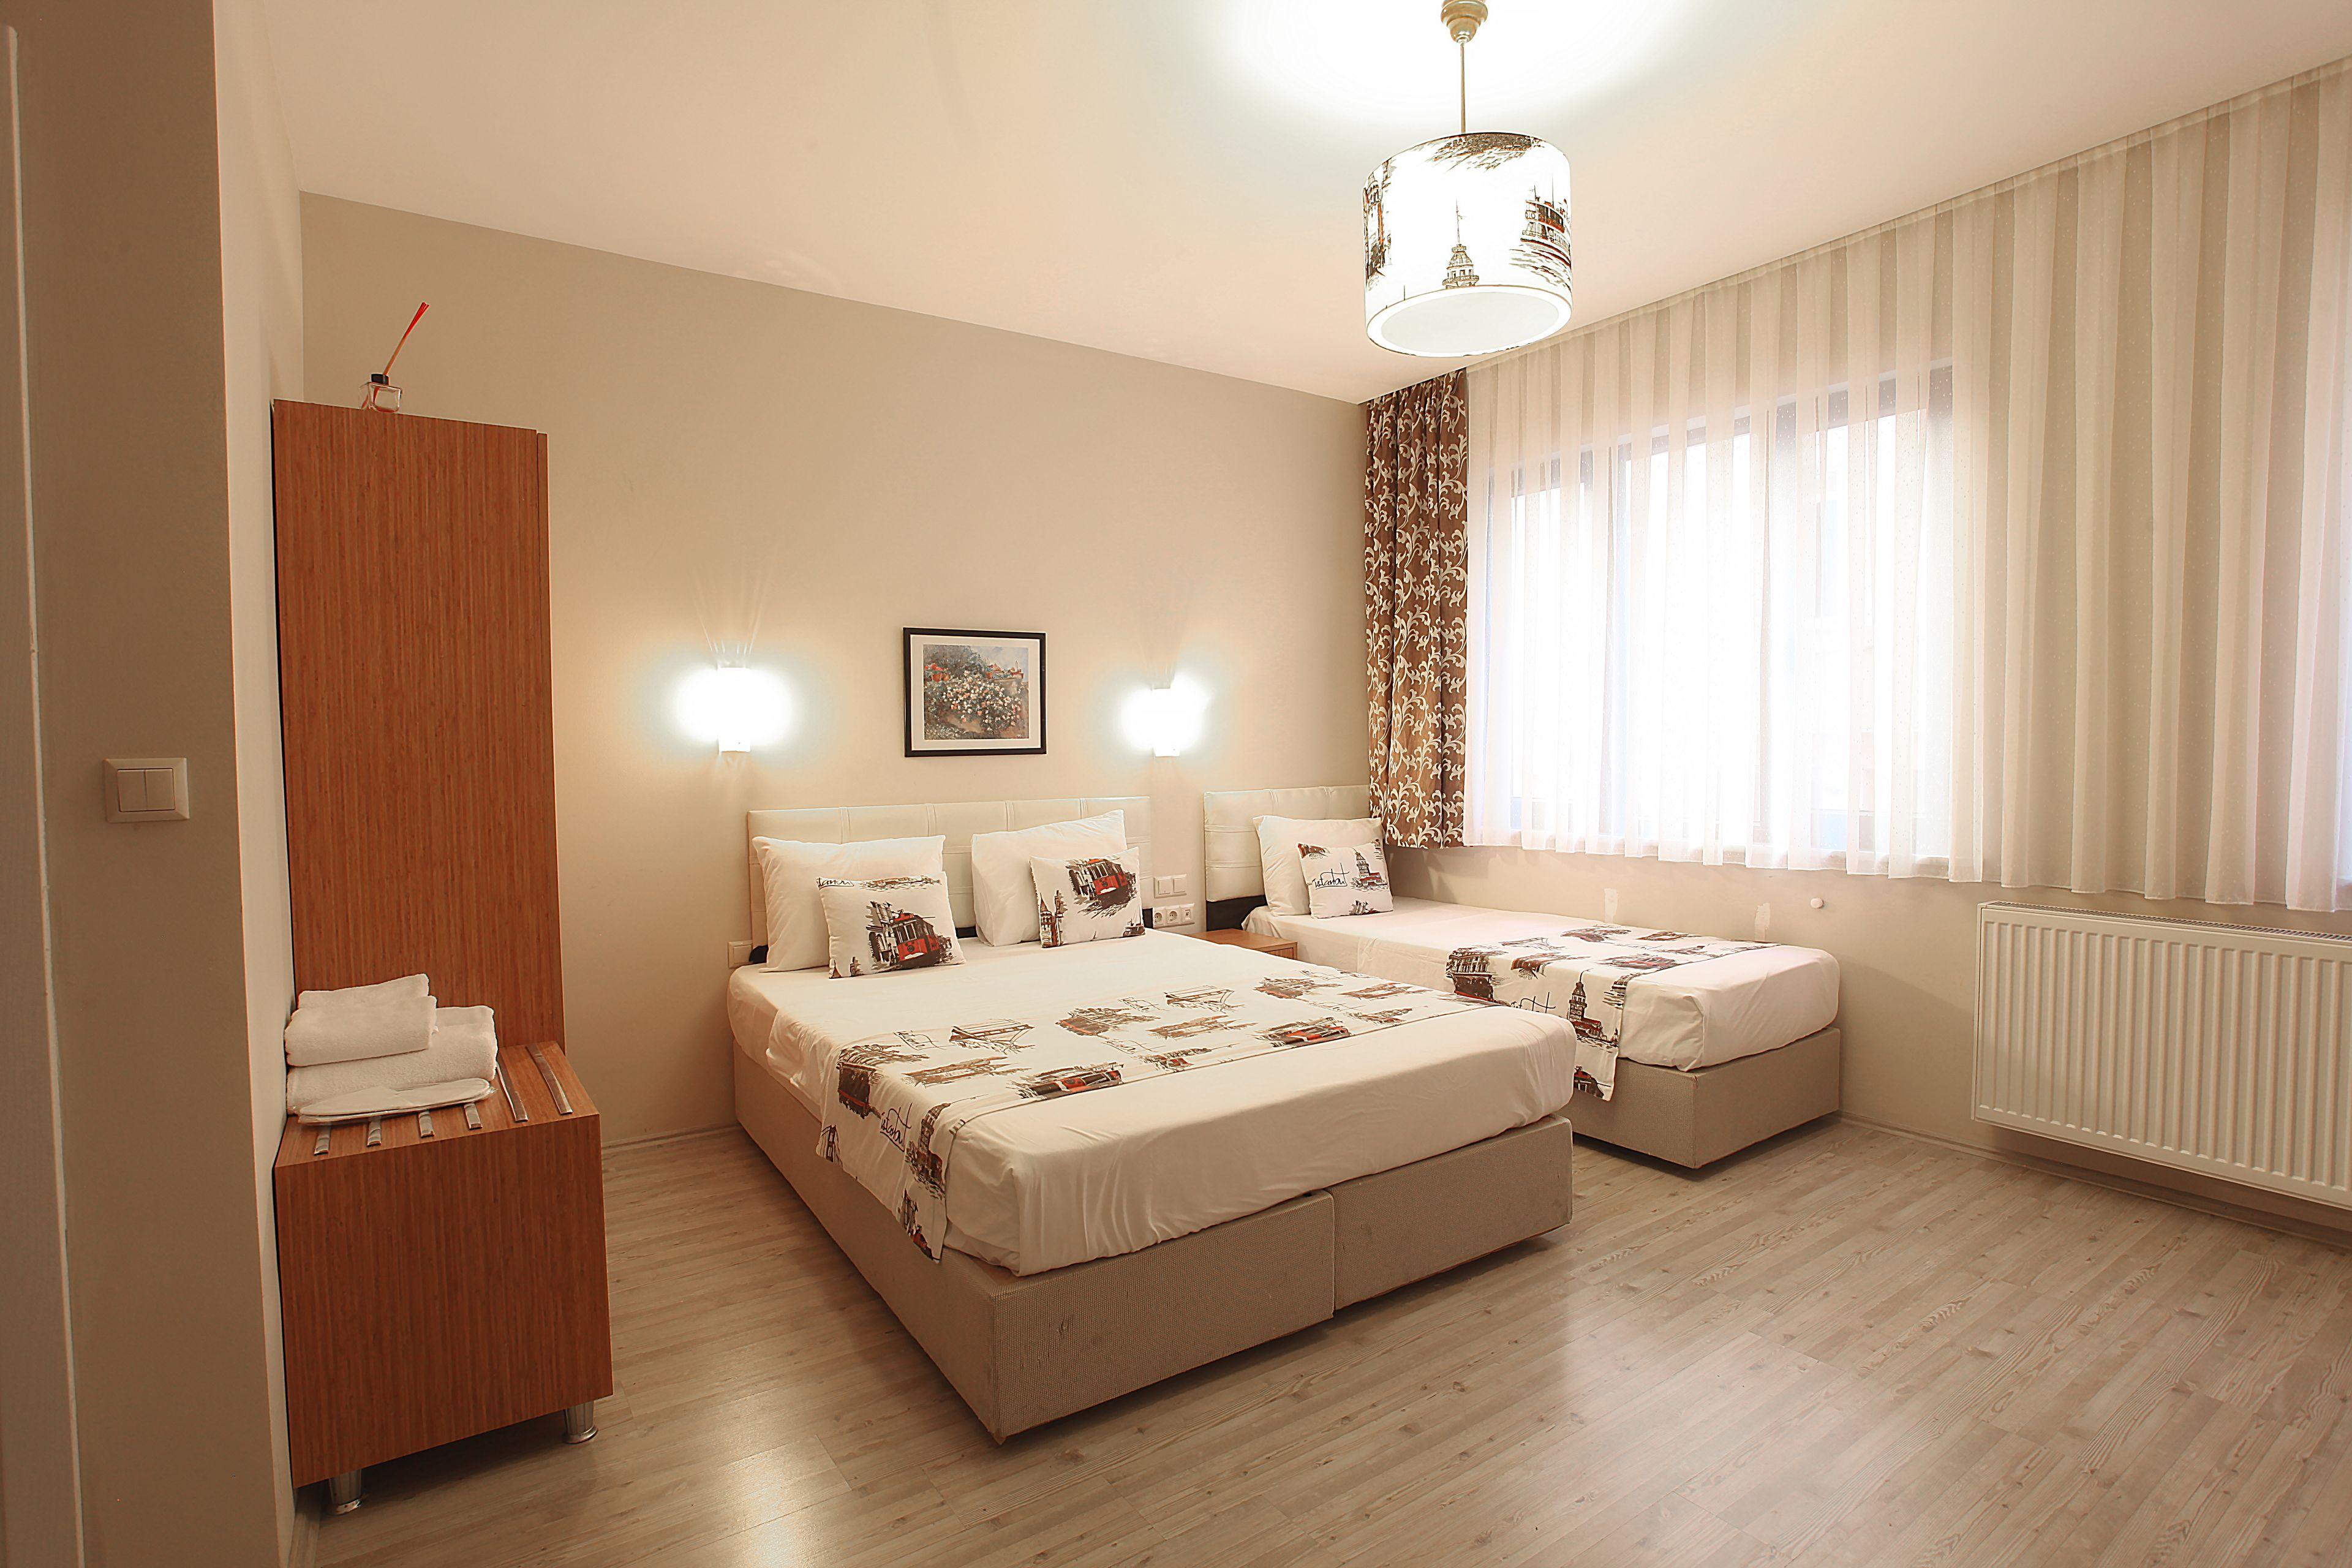 Pera Sultan Suite